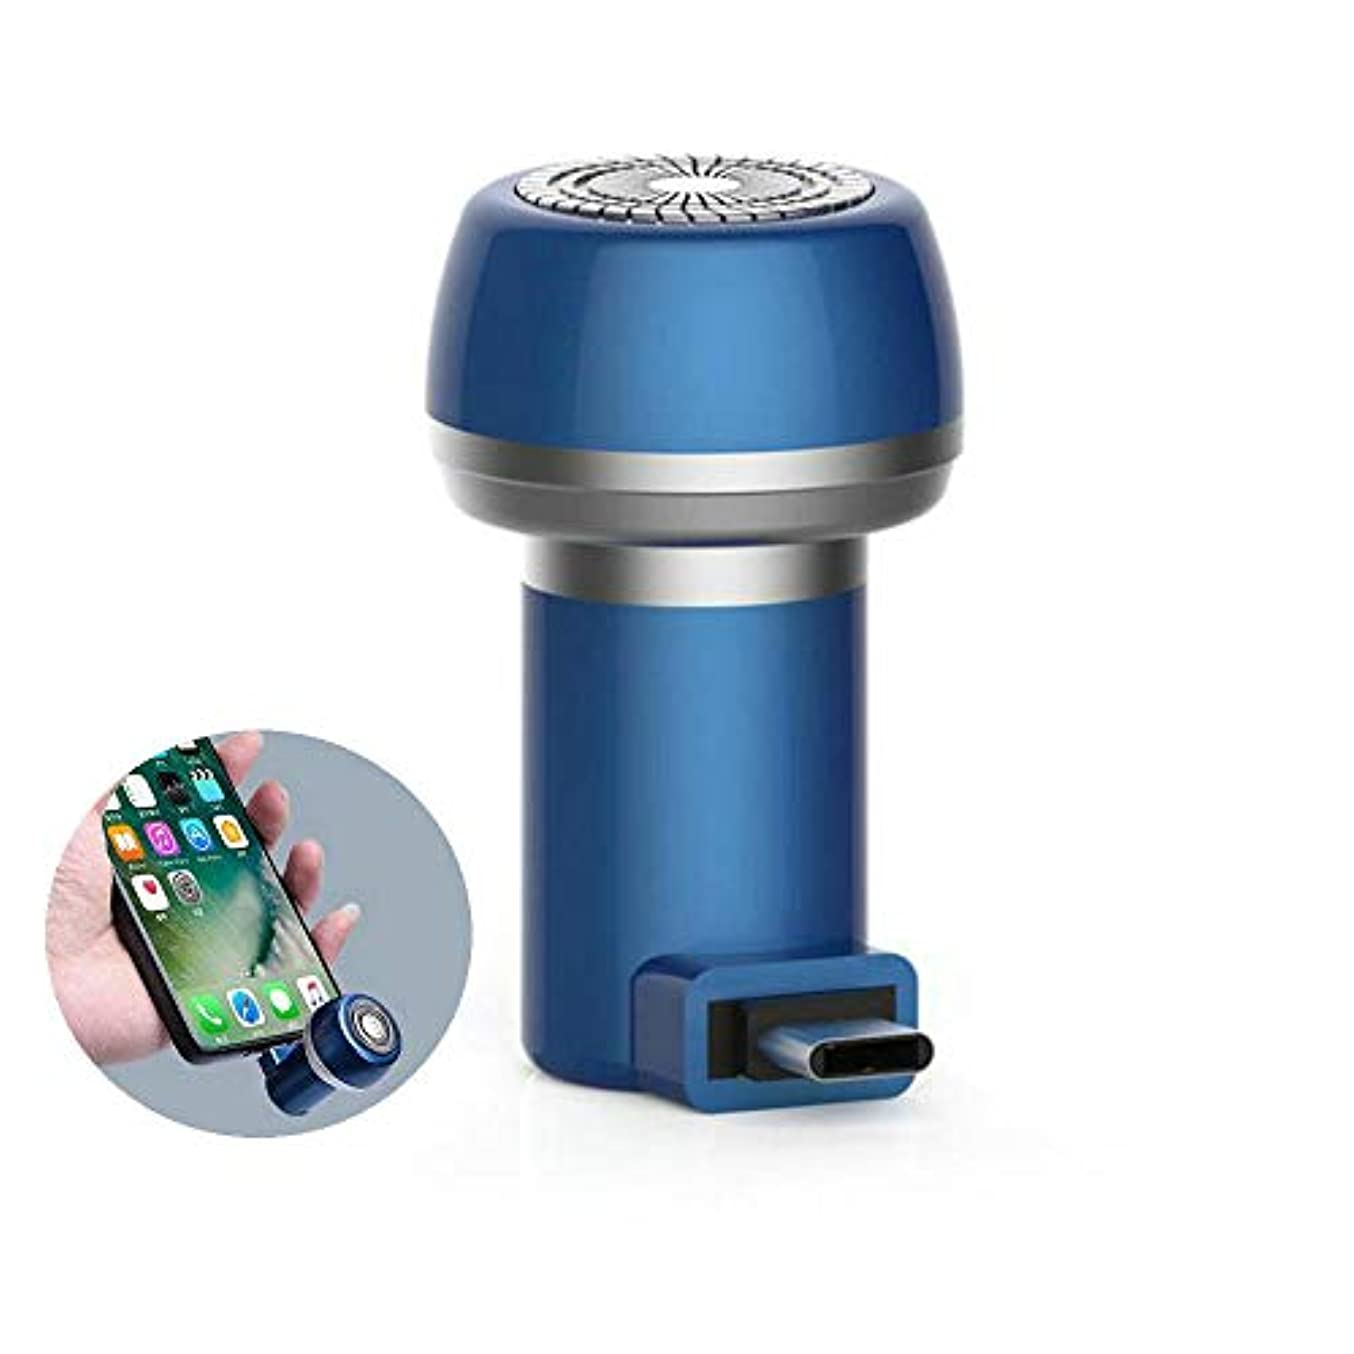 ラボ再集計単調なXAHWL ミニ シェーバー 携帯電話 Micro/Type-c/USB+Micro 脱毛器